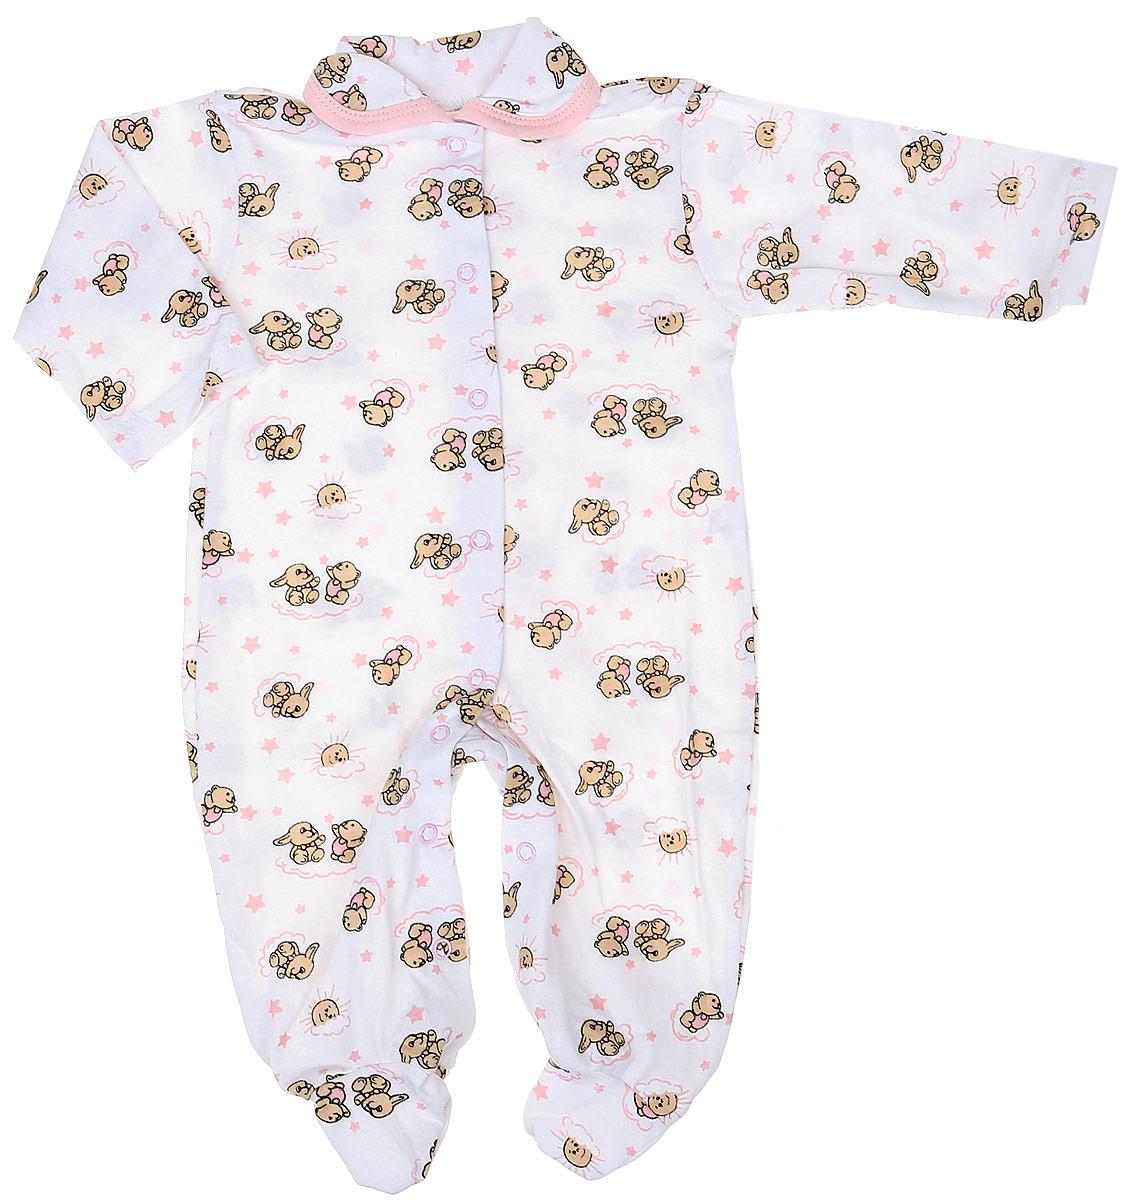 Комбинезон детский Чудесные одежки, цвет: белый, розовый. 5805. Размер 565805Детский комбинезон Чудесные одежки выполнен из натурального хлопка.Комбинезон с отложным воротничком, длинными рукавами и закрытыми ножками имеет застежки-кнопки спереди и на ластовице, которые помогают легко переодеть младенца или сменить подгузник. Изделие оформлено принтом с изображением зайчиков.